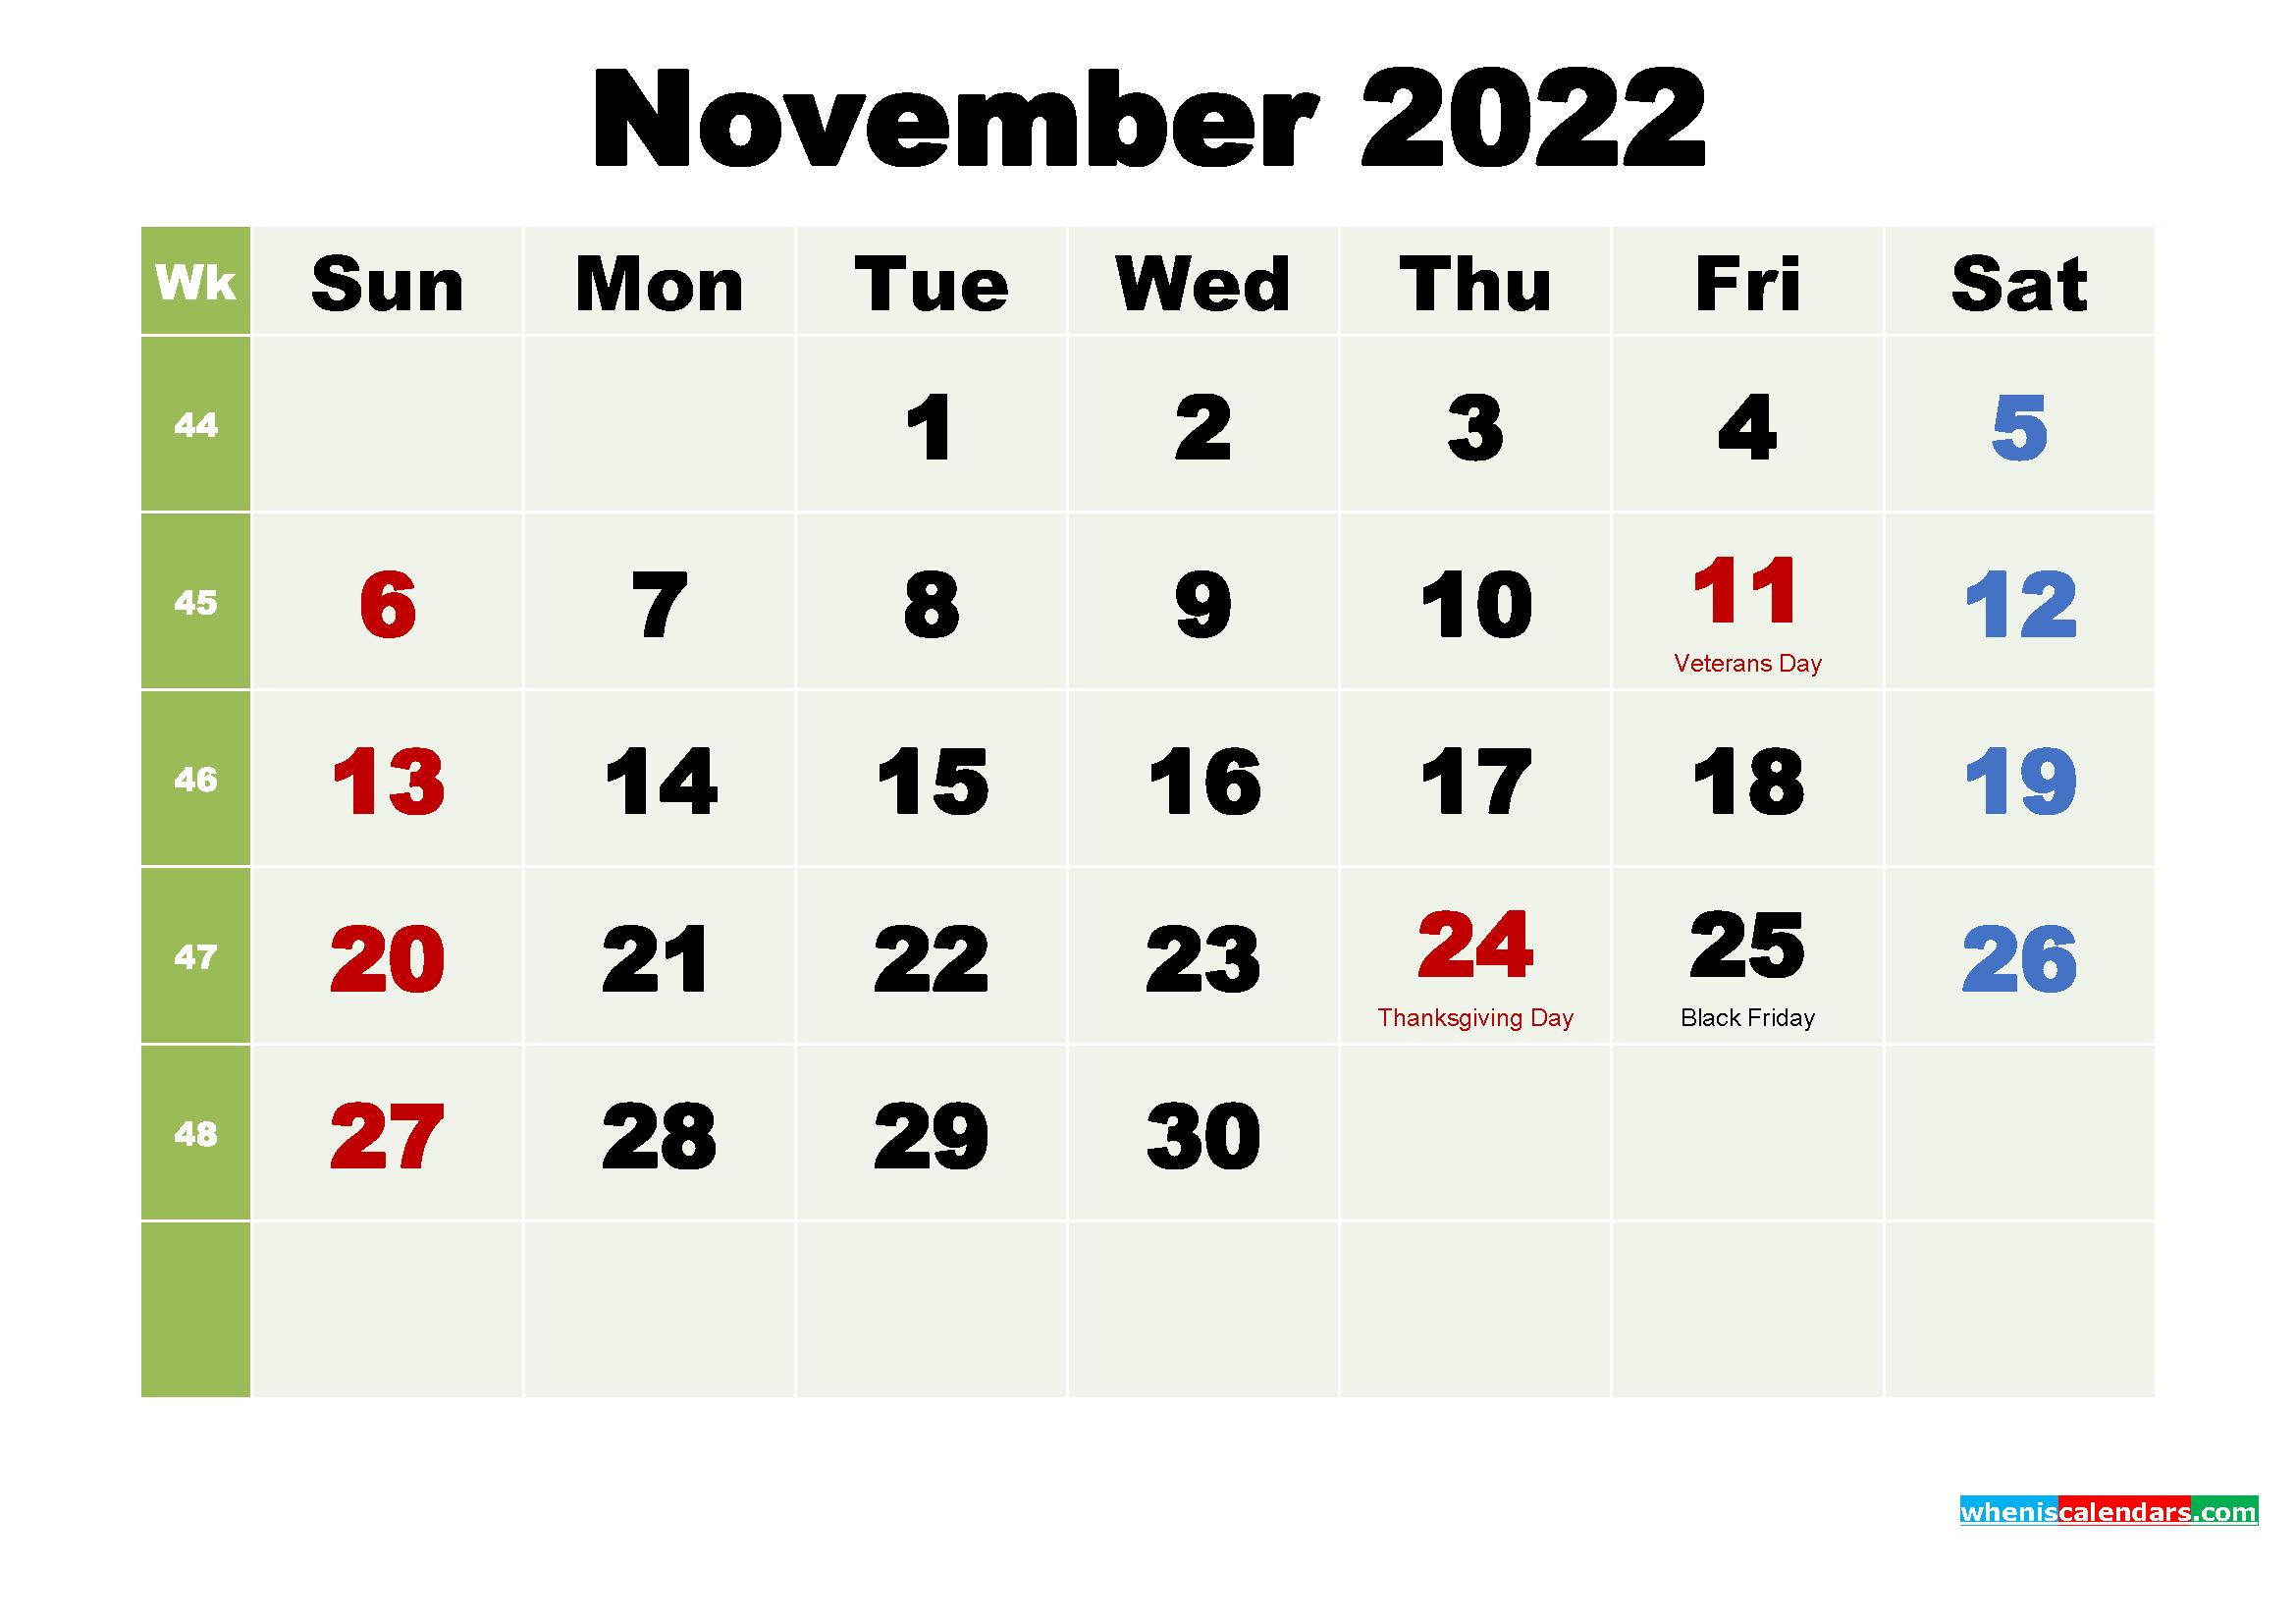 Printable November 2022 Calendar by Month